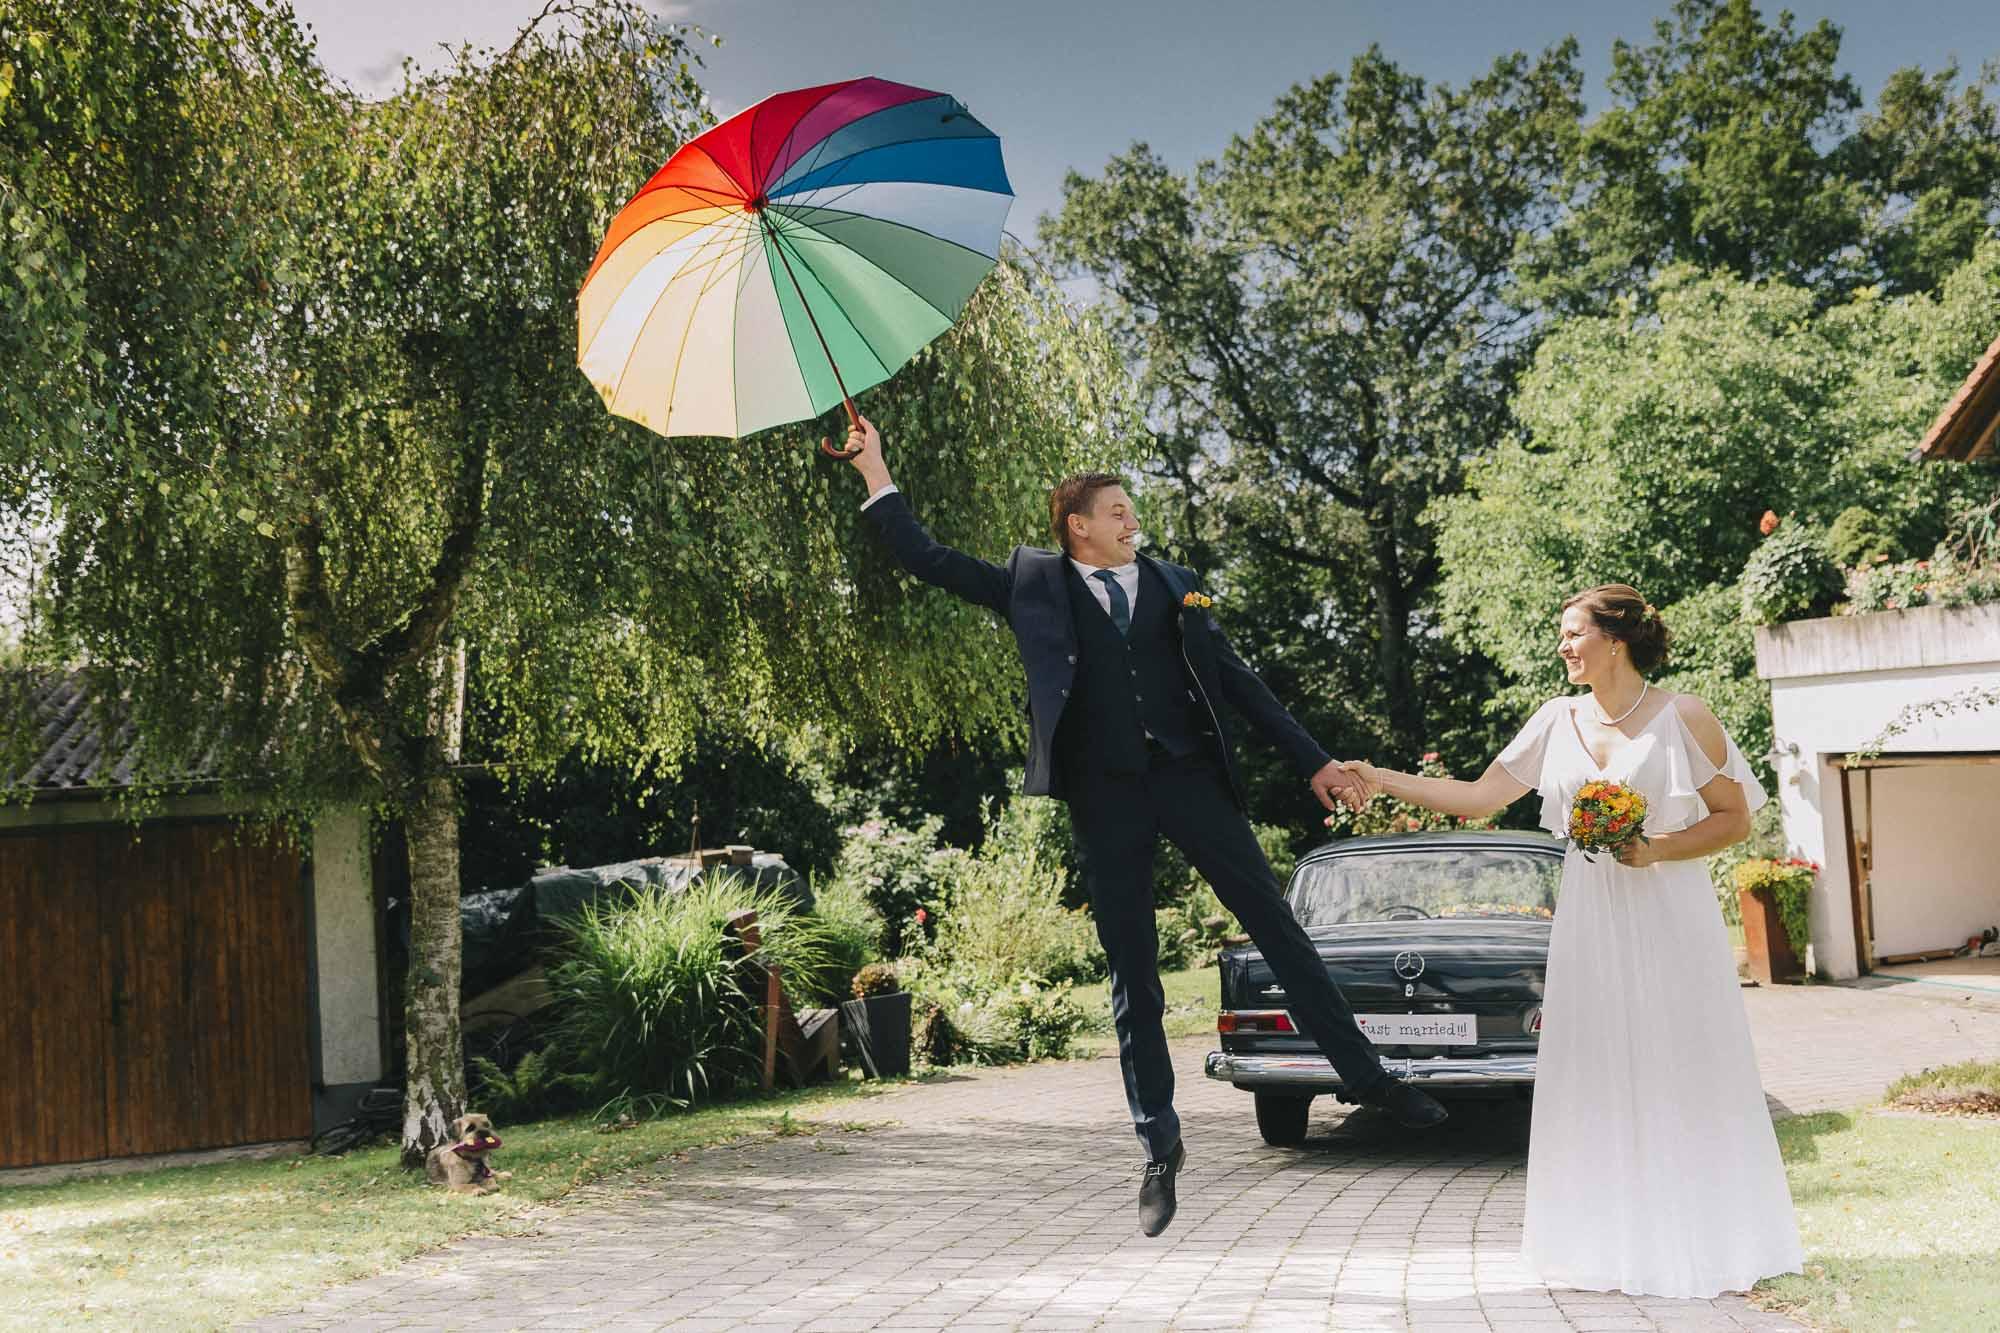 Hochzeitsreportage-Crailsheim-Krystina-Stefan-23